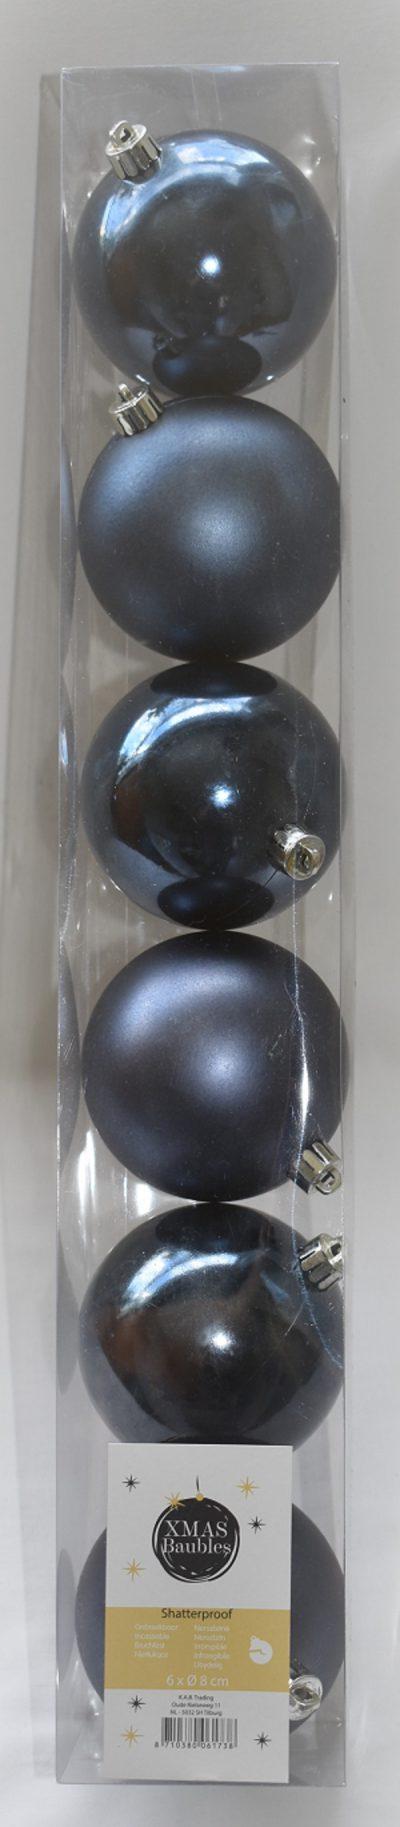 Blauwe kunststof kerstballen